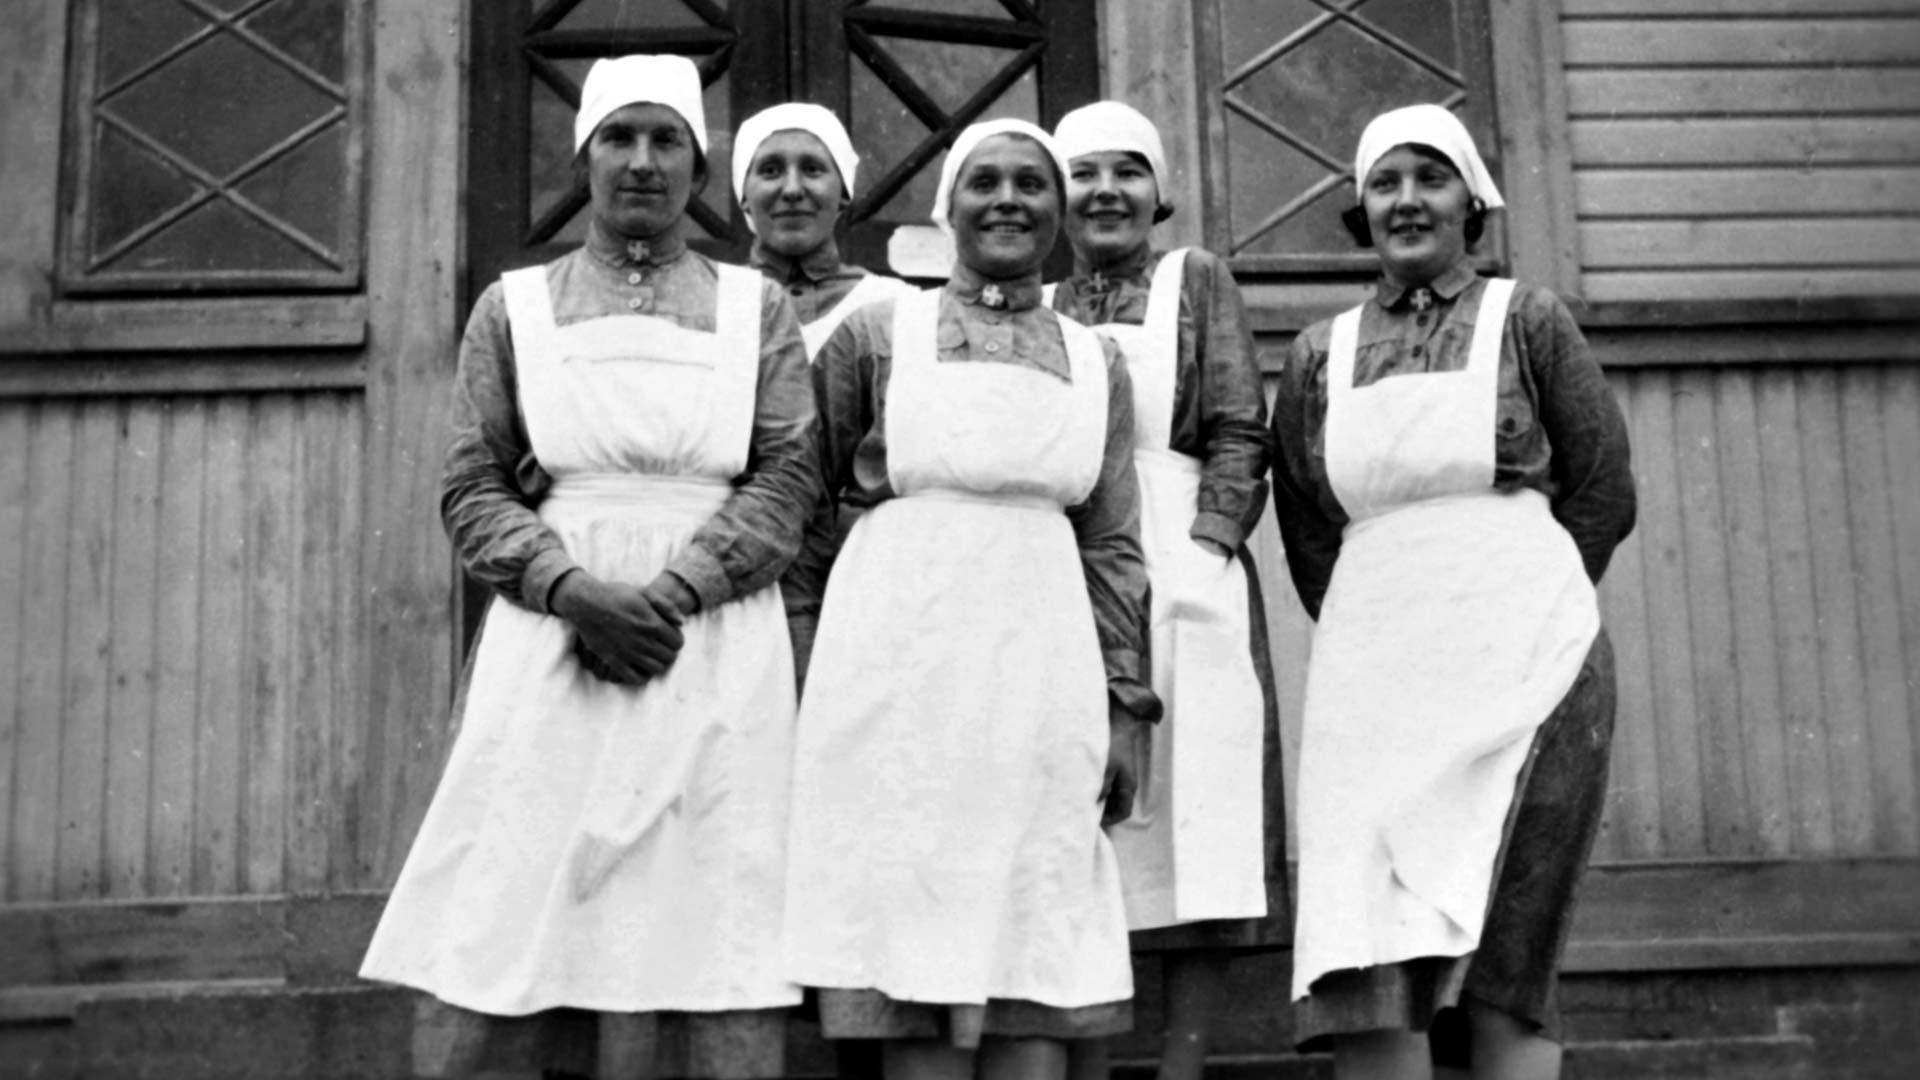 Mitä naiset tekisivät sodan aikana? | #sota39 | Historia | vakuutuslinkki.fi